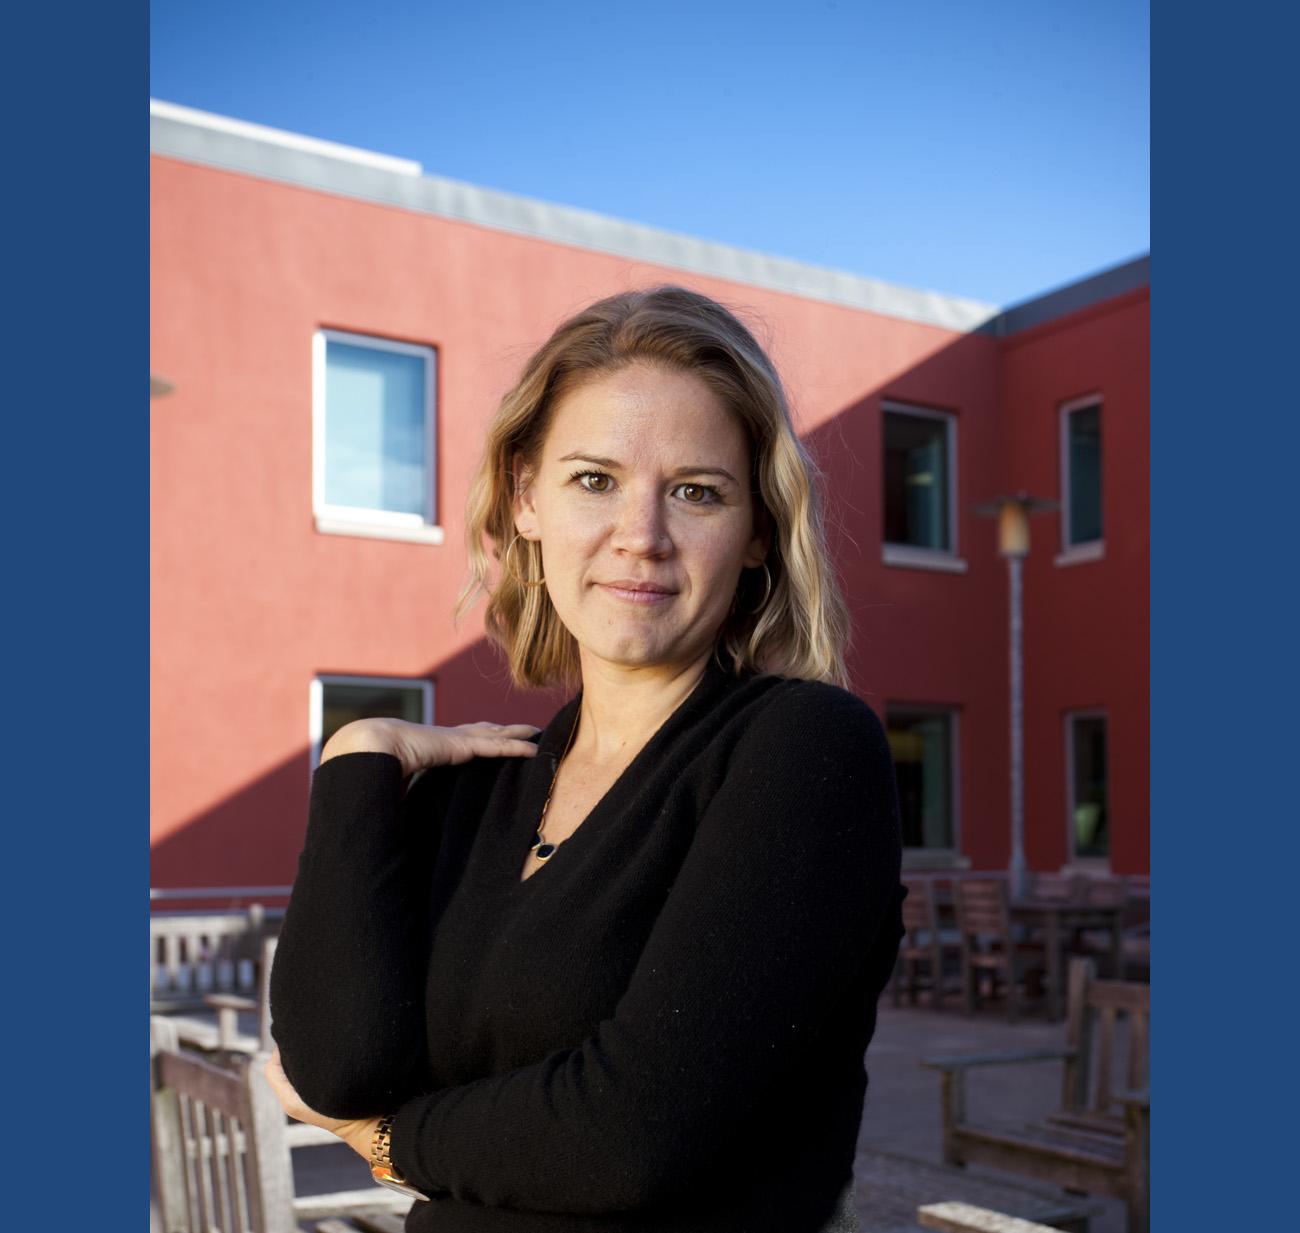 IIHR Assistant Research Engineer Sarah Vigmostad.